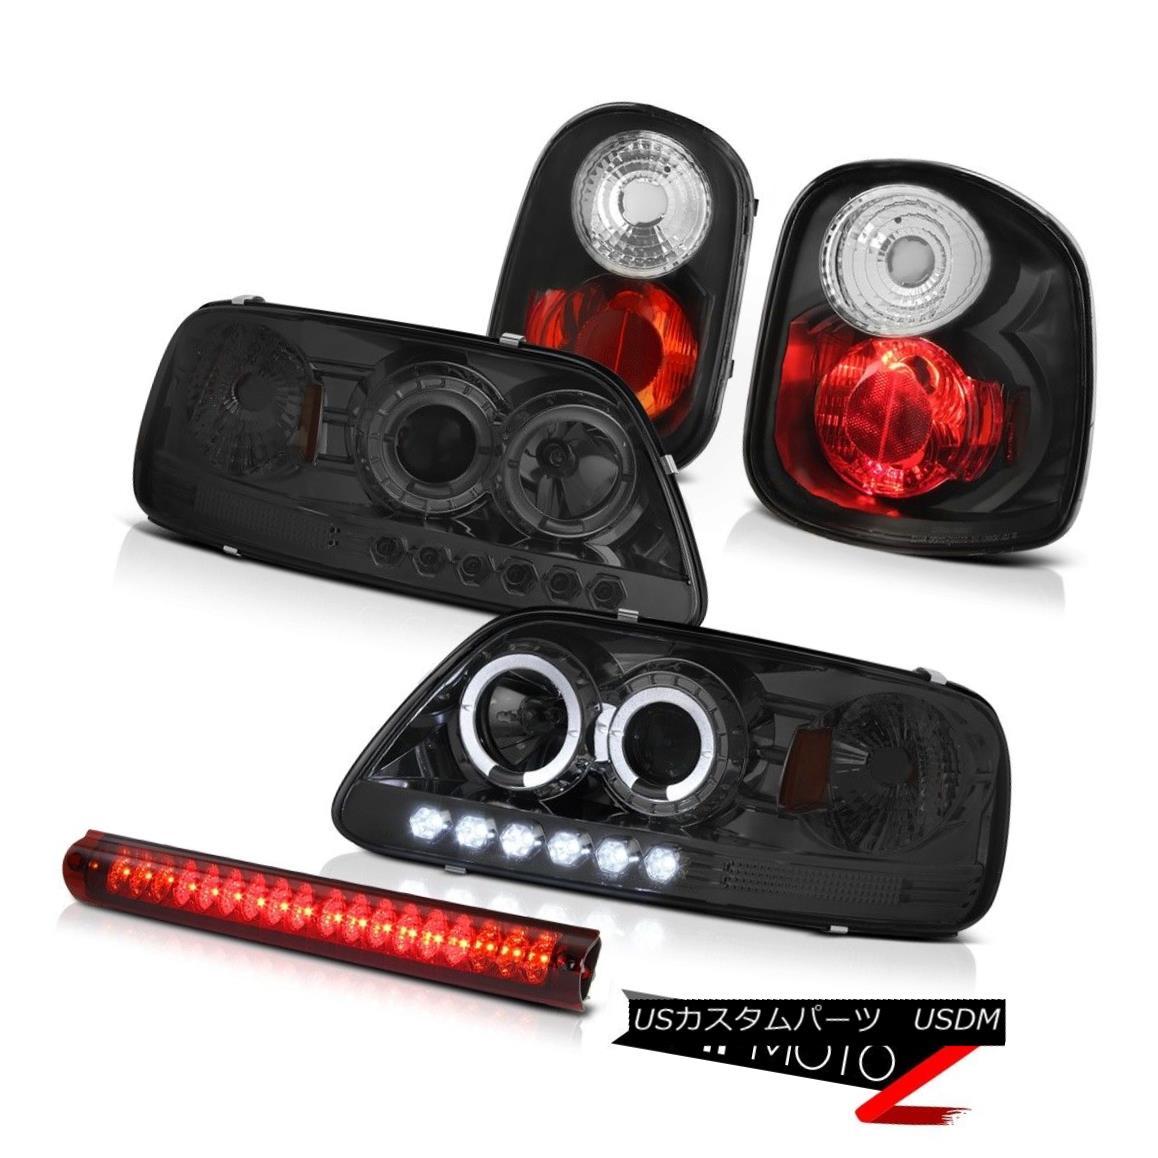 ヘッドライト Projector Smoke Headlights Rear Lights 3RD LED 97-00 F150 Flareside Lightning プロジェクター煙ヘッドライトリアライト3RD LED 97-00 F150フレアサイドライト